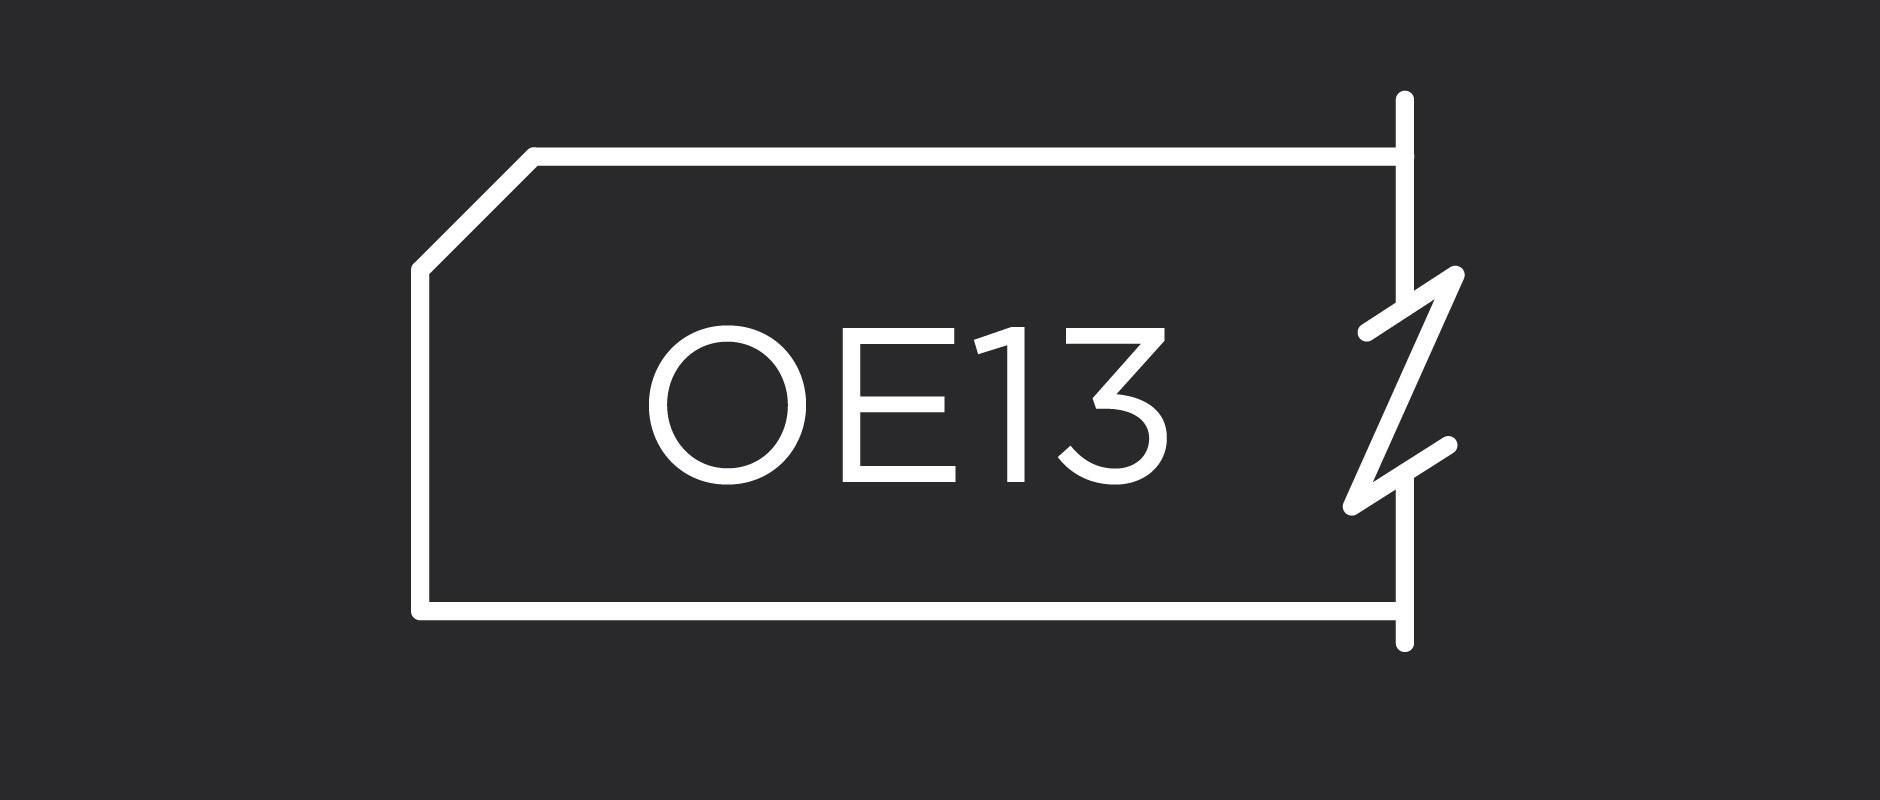 OE13 outside edge profile